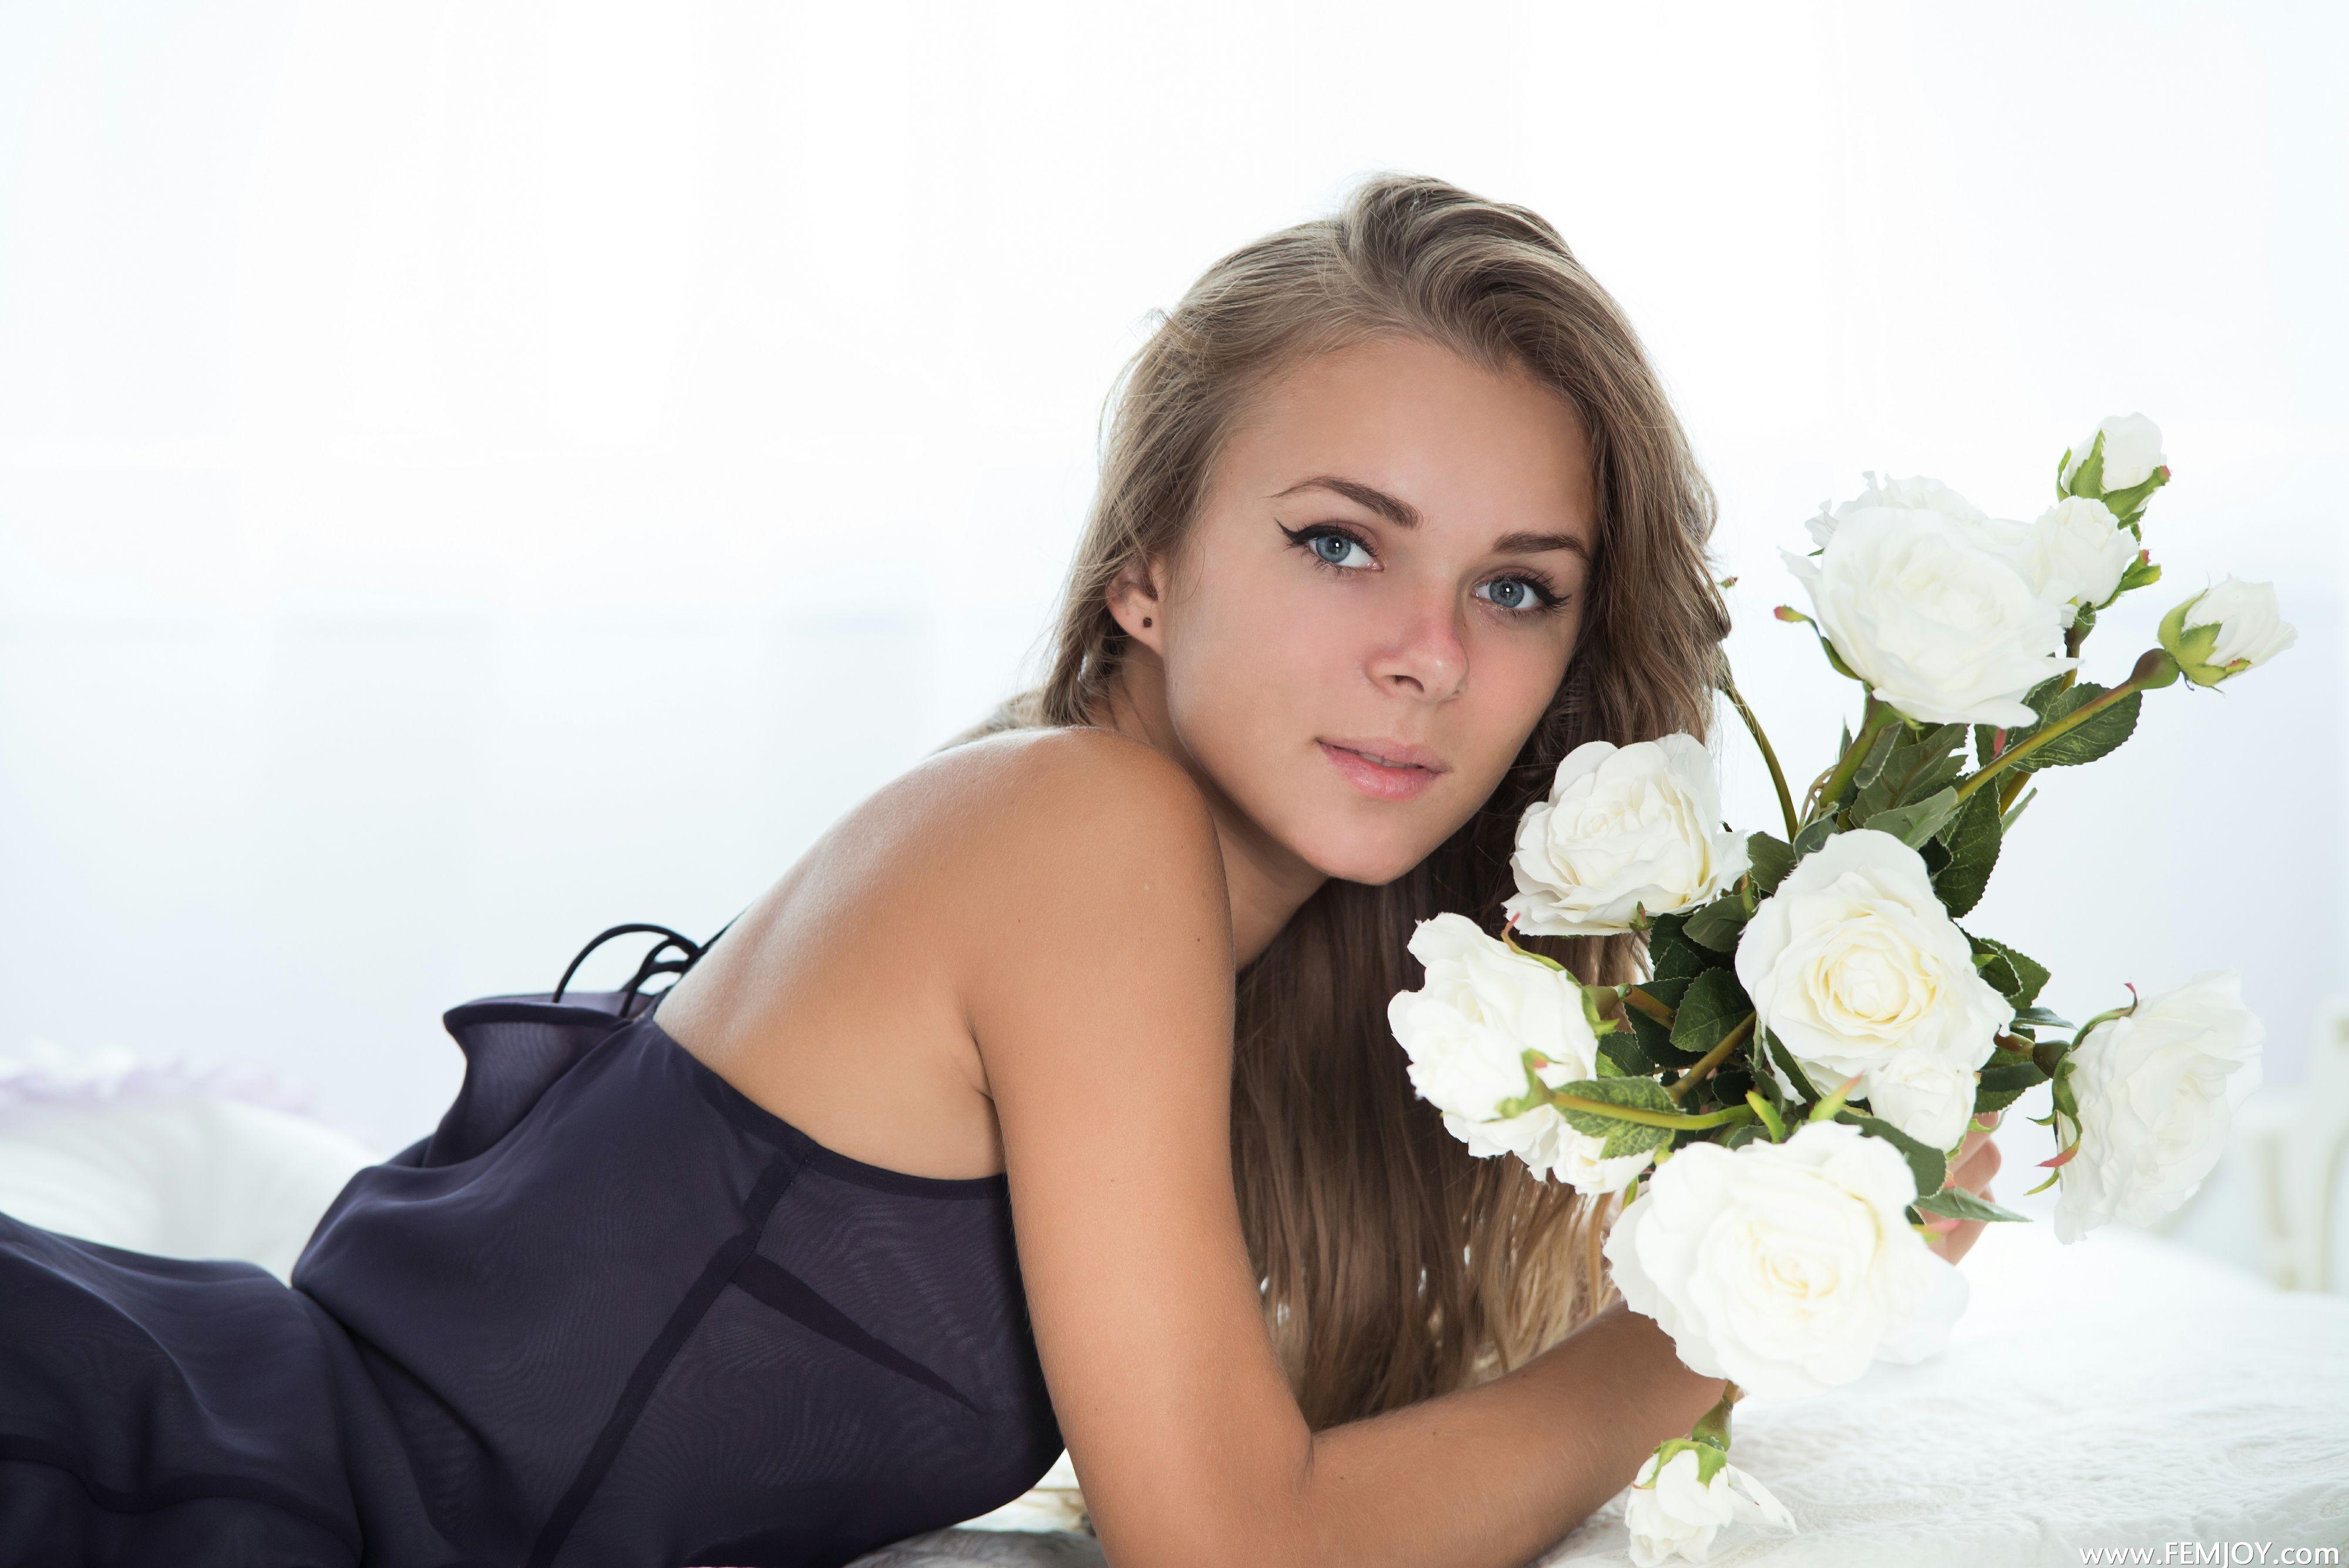 Wallpaper women model blonde flowers long hair blue eyes 4000x2670